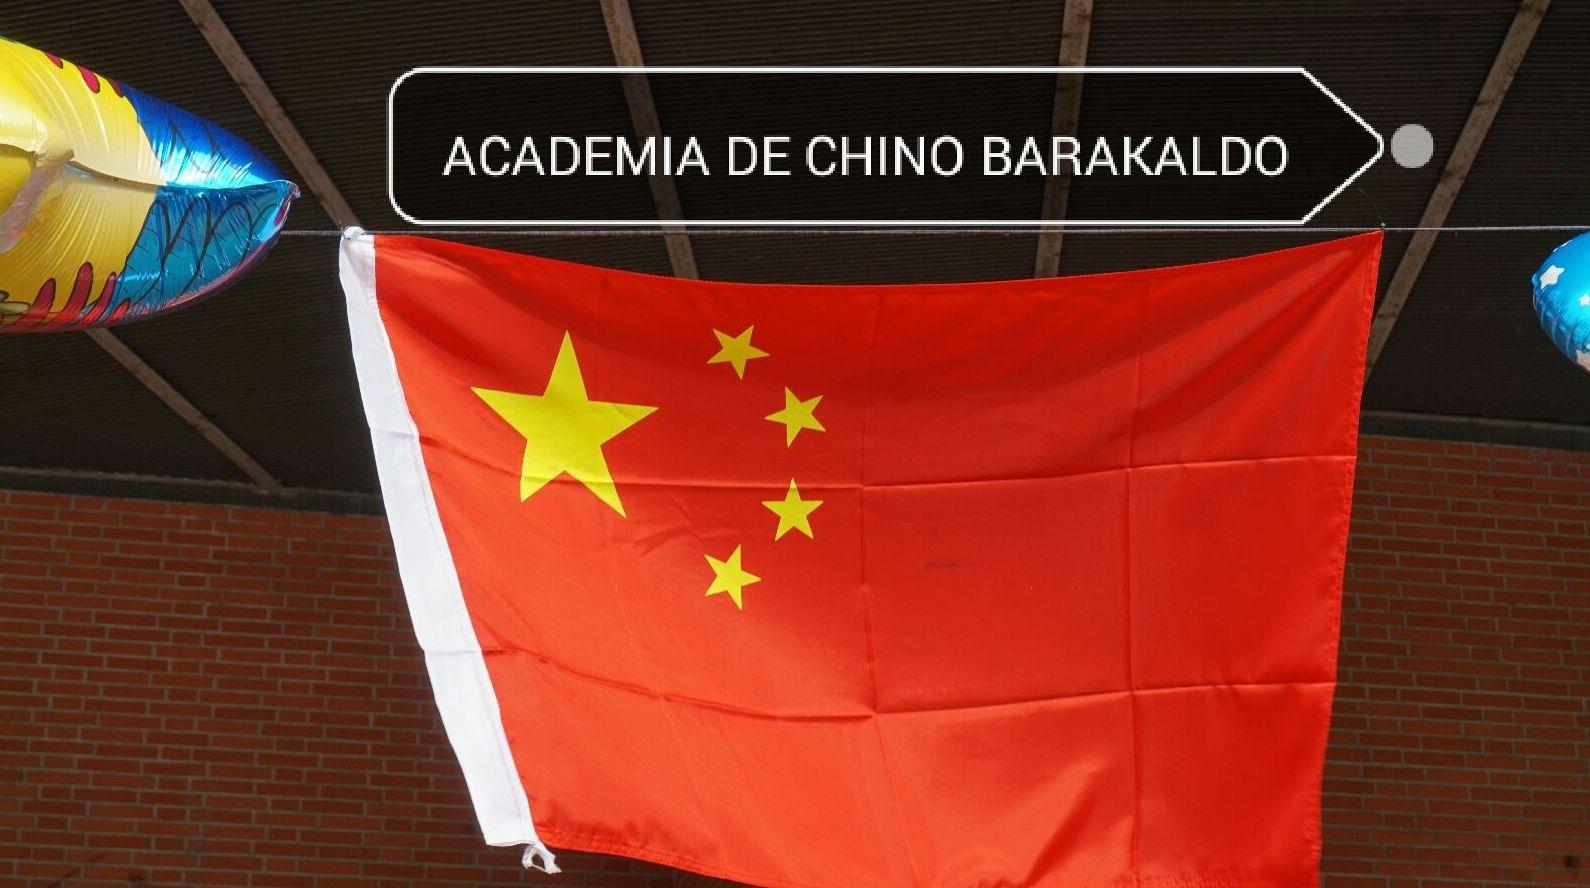 Foto 123 de Academia en Barakaldo   Academia de chino Barakaldo